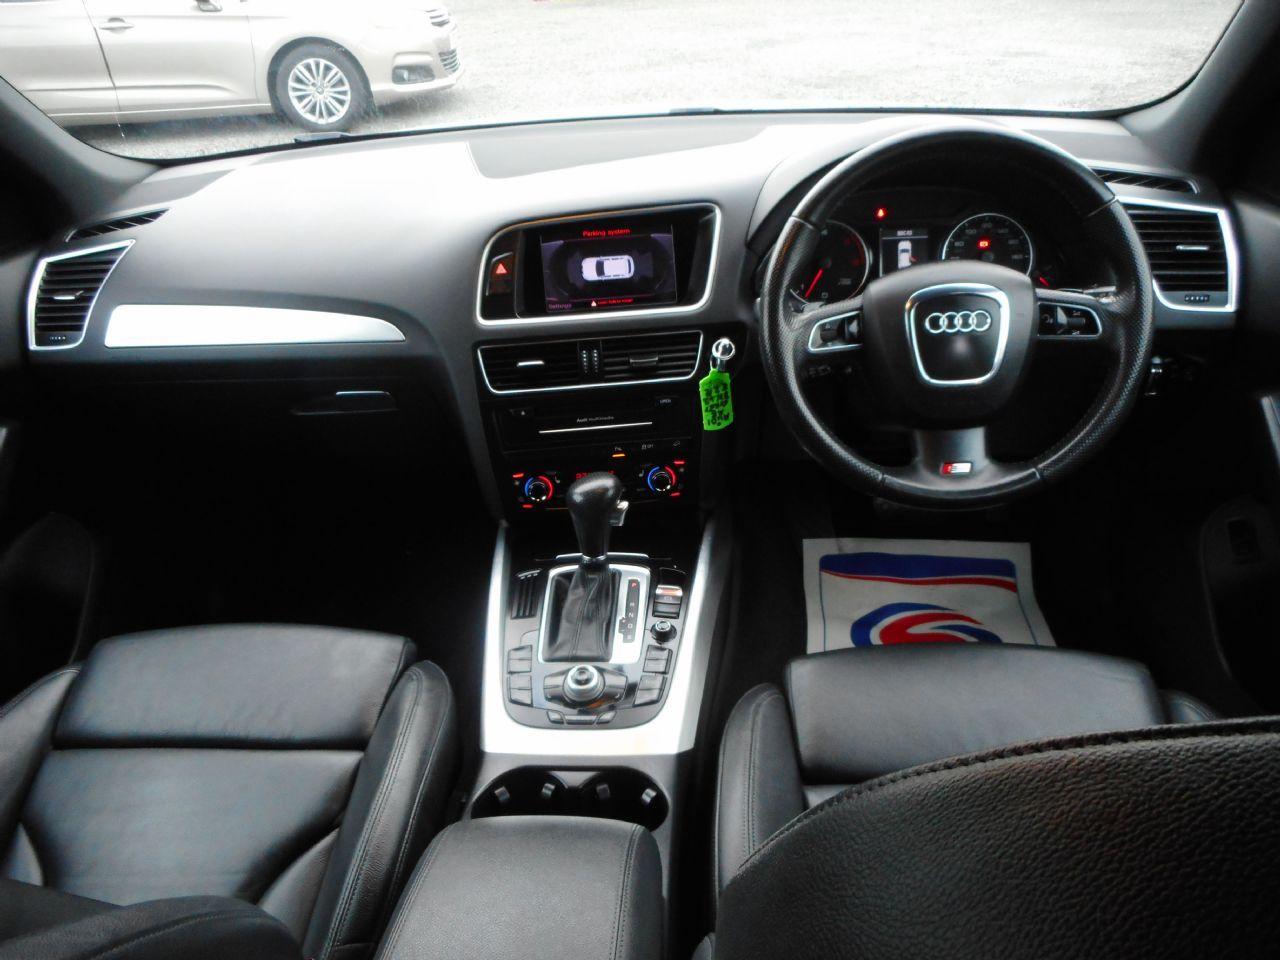 AUDI Q5 3.0 TDI quattro S line 240PS (2012) - Picture 10